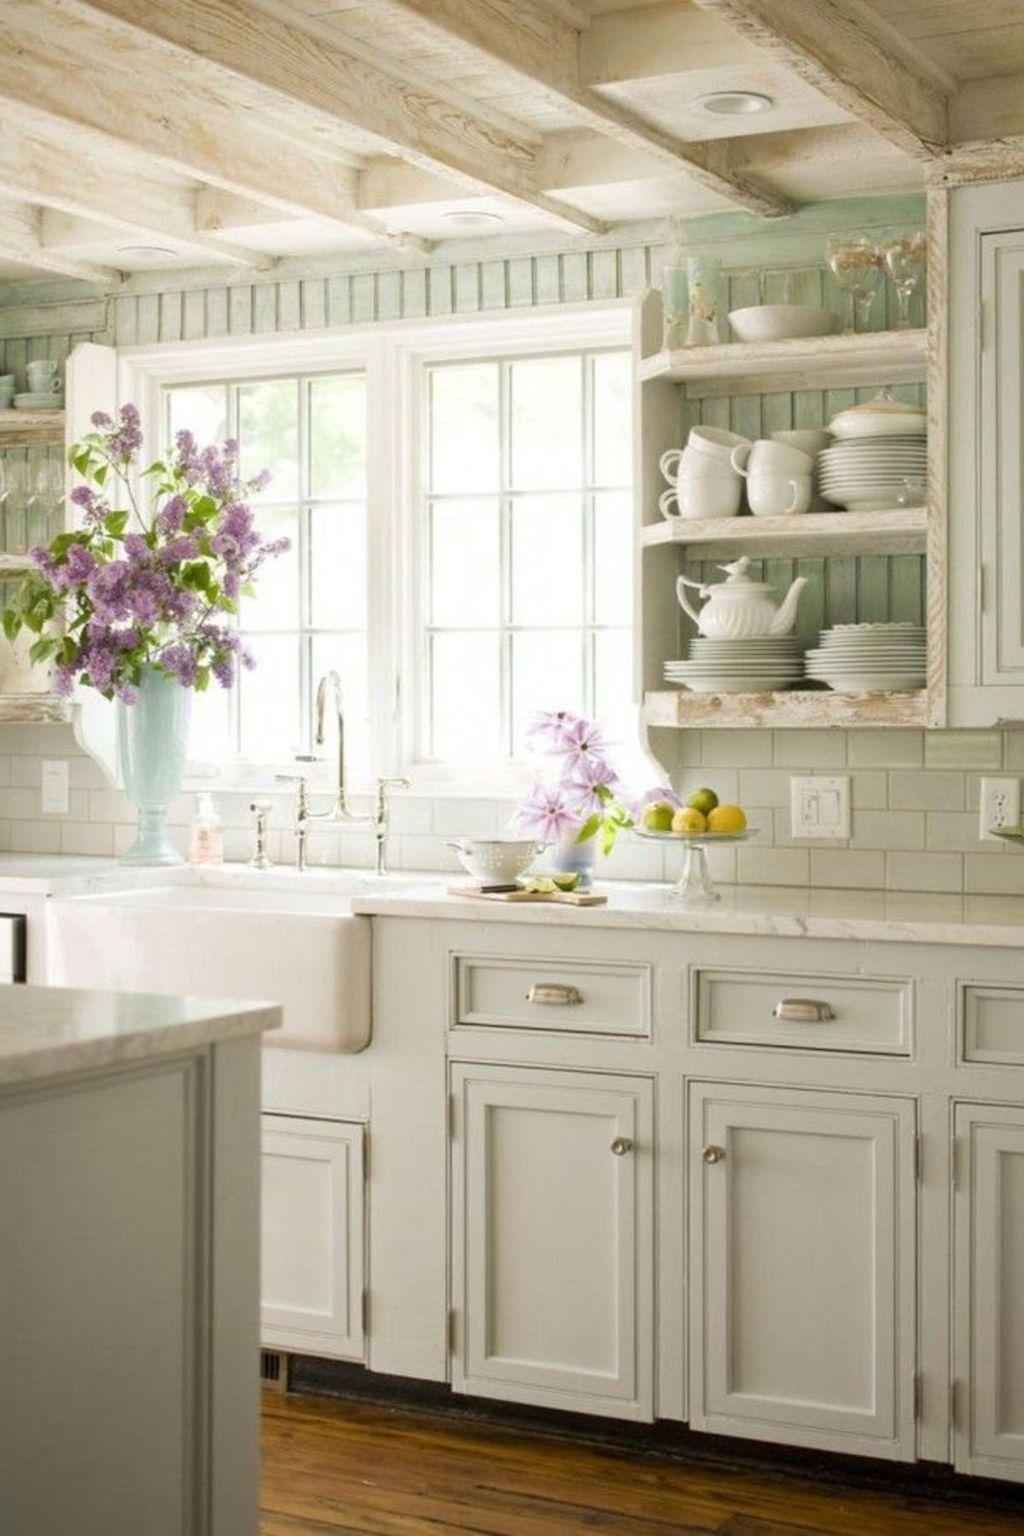 25 Schone Shabby Chic Kuche Ideen Striking Zimmer Fur Kochen In 2020 Farm Style Kitchen Shabby Chic Kitchen Cabinets Country Kitchen Farmhouse